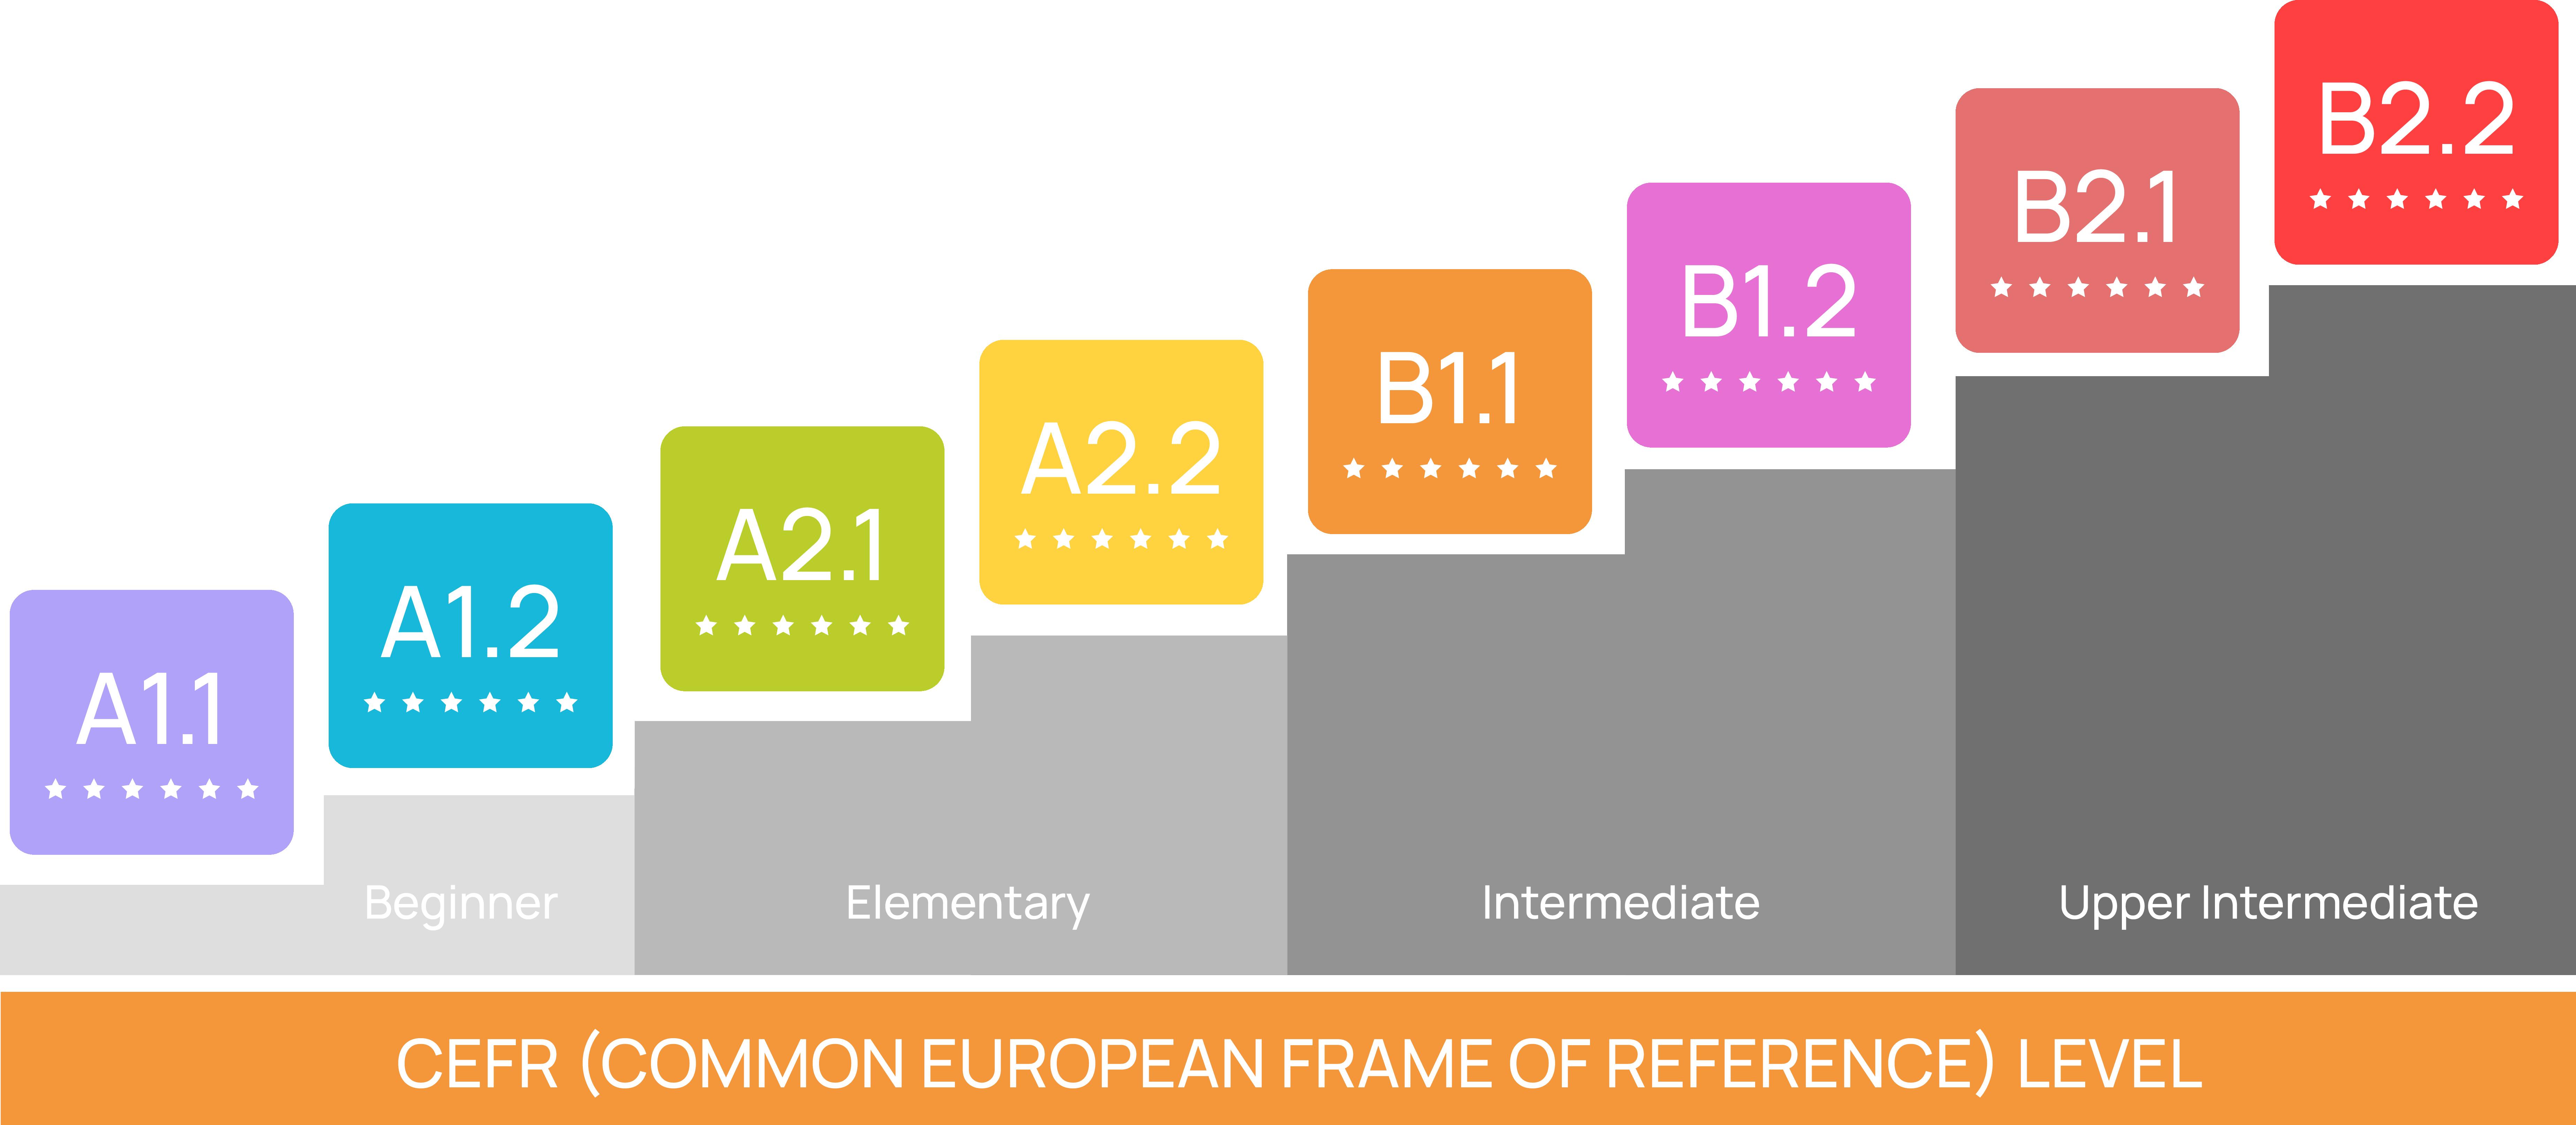 Tingkatan Level Kursus Bahasa Prancis General DELF (Age > 15)